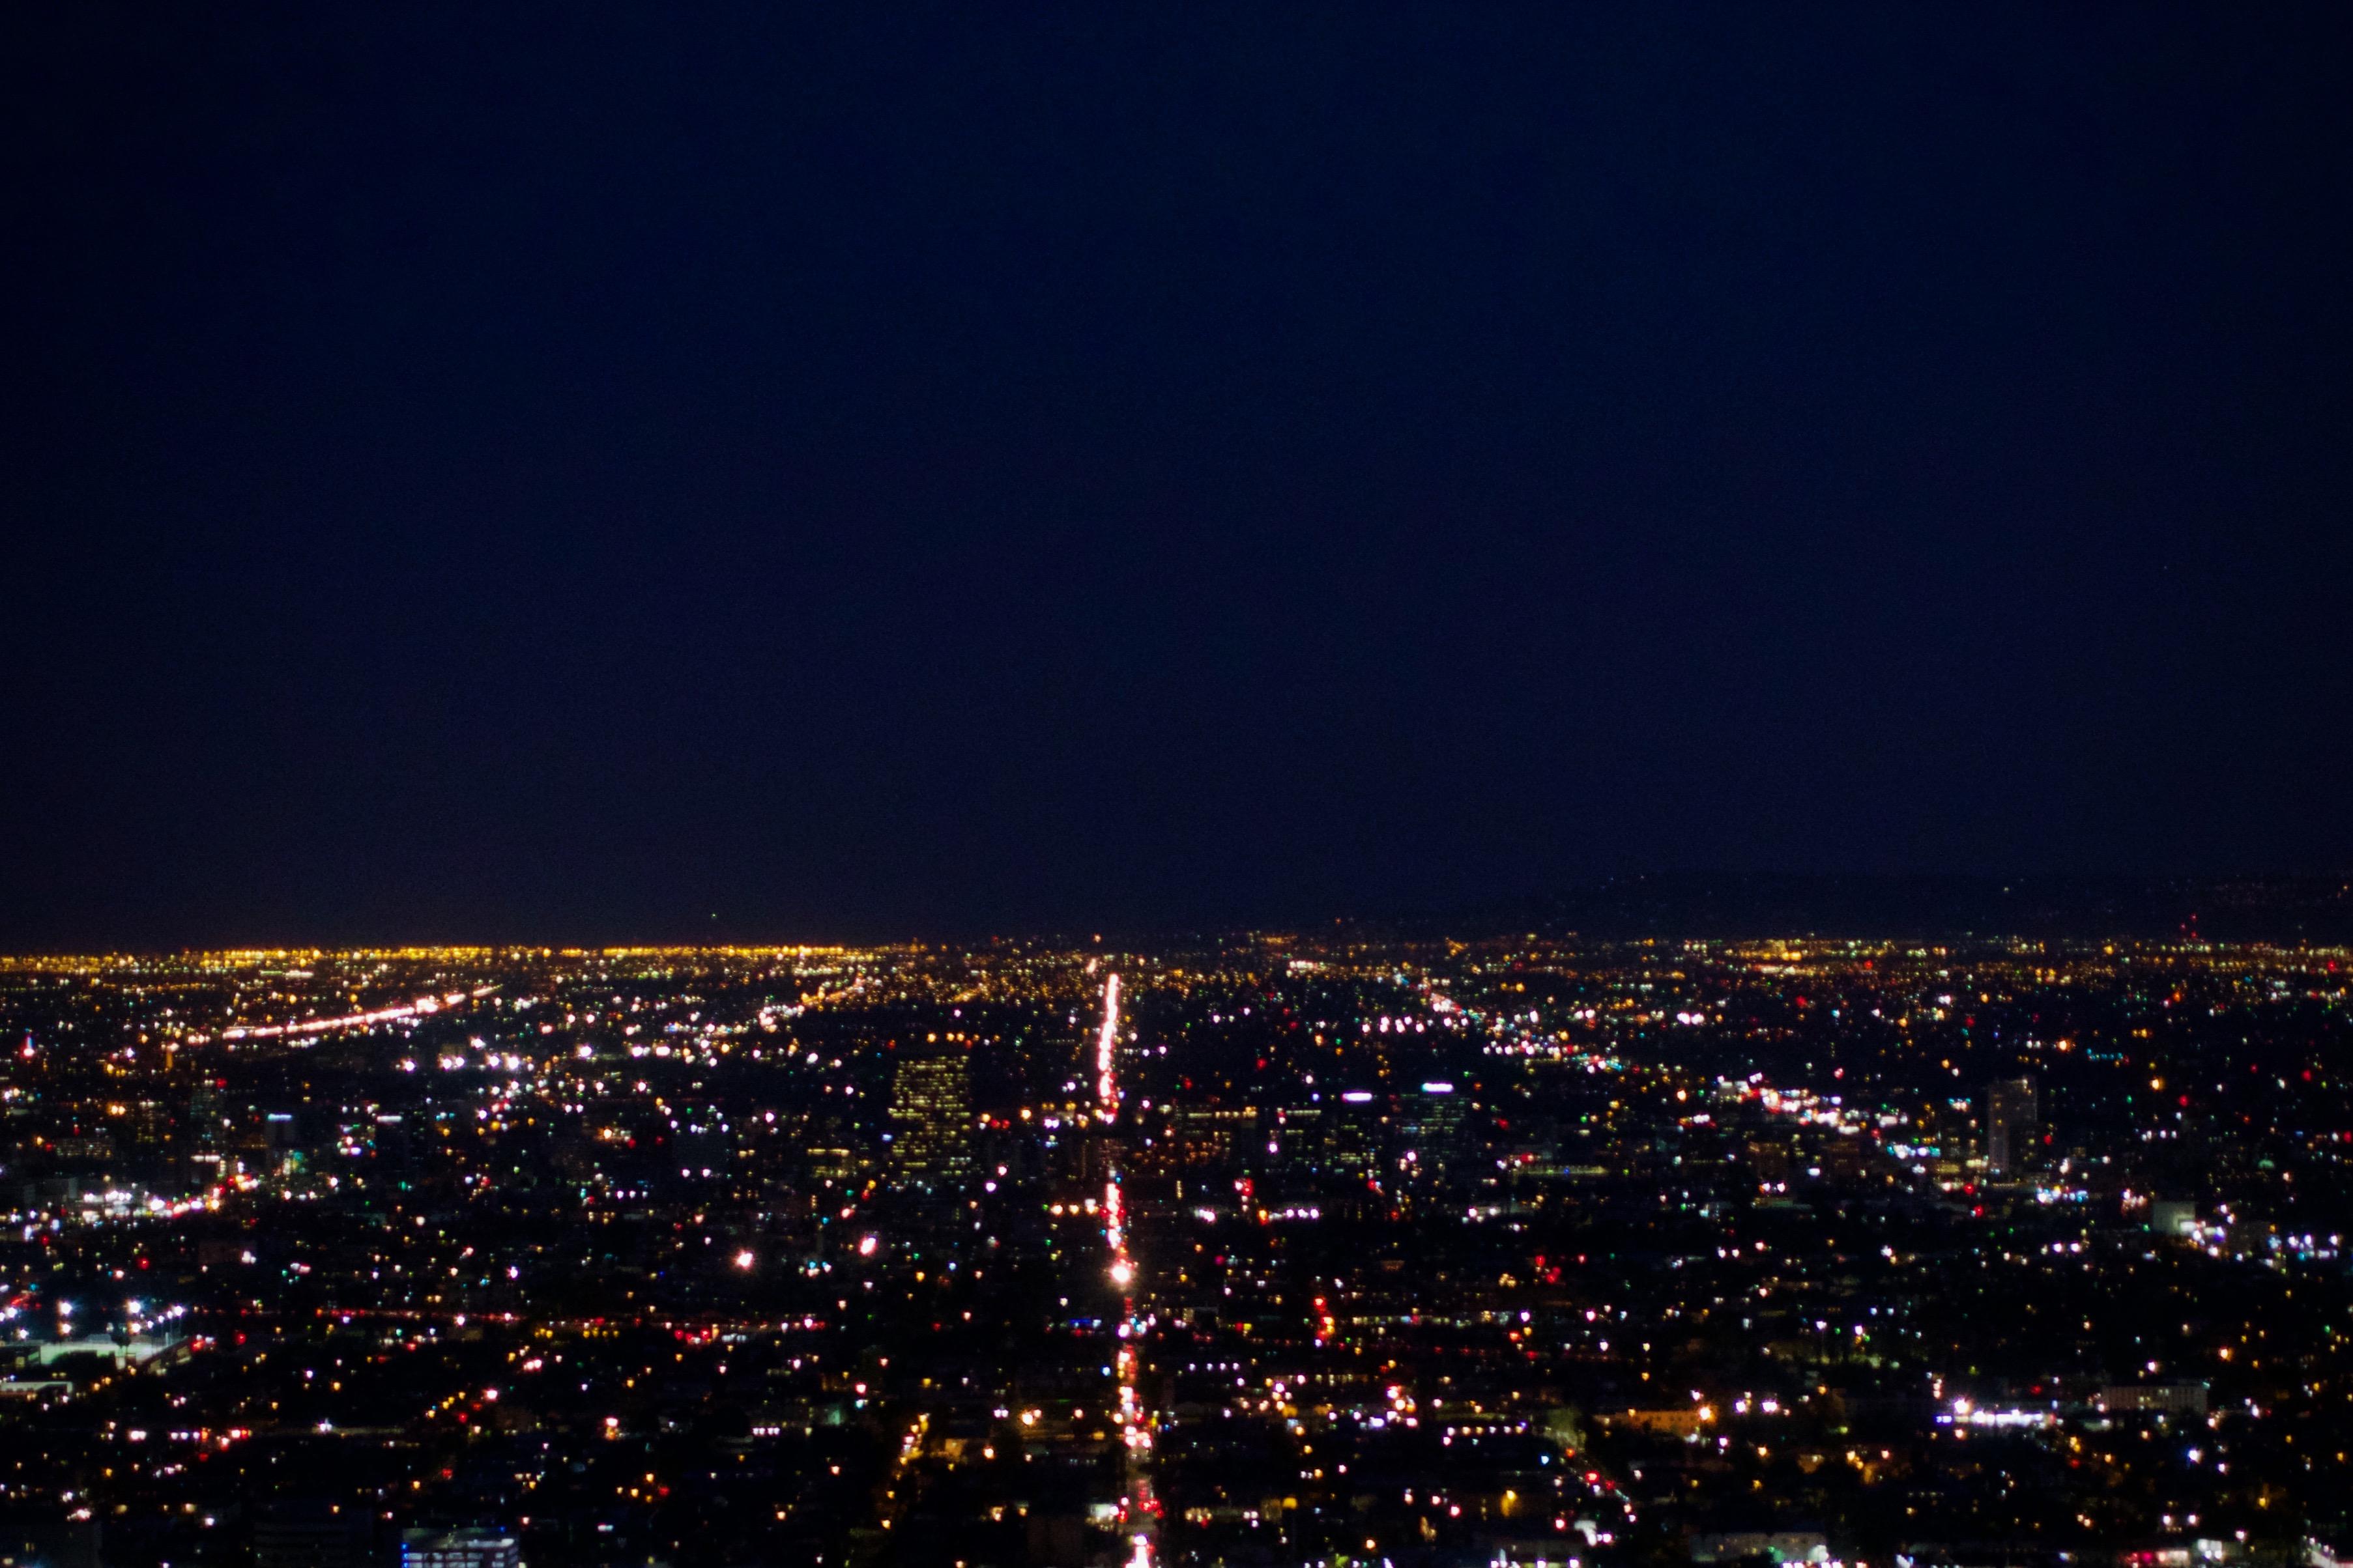 洛杉磯夜景